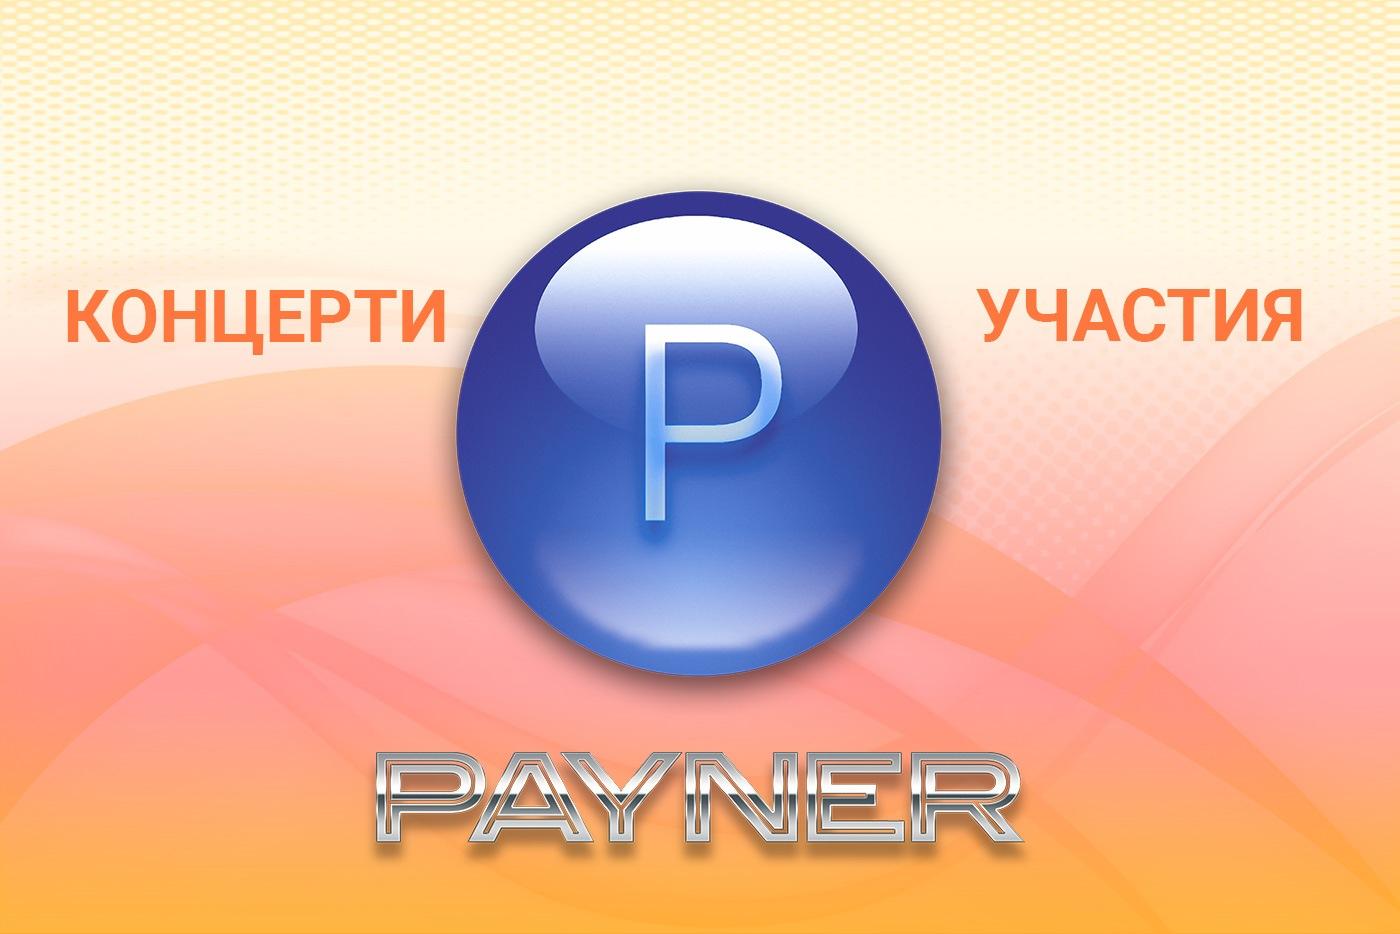 """Участия на звездите на """"Пайнер"""" на 12.10.2018"""